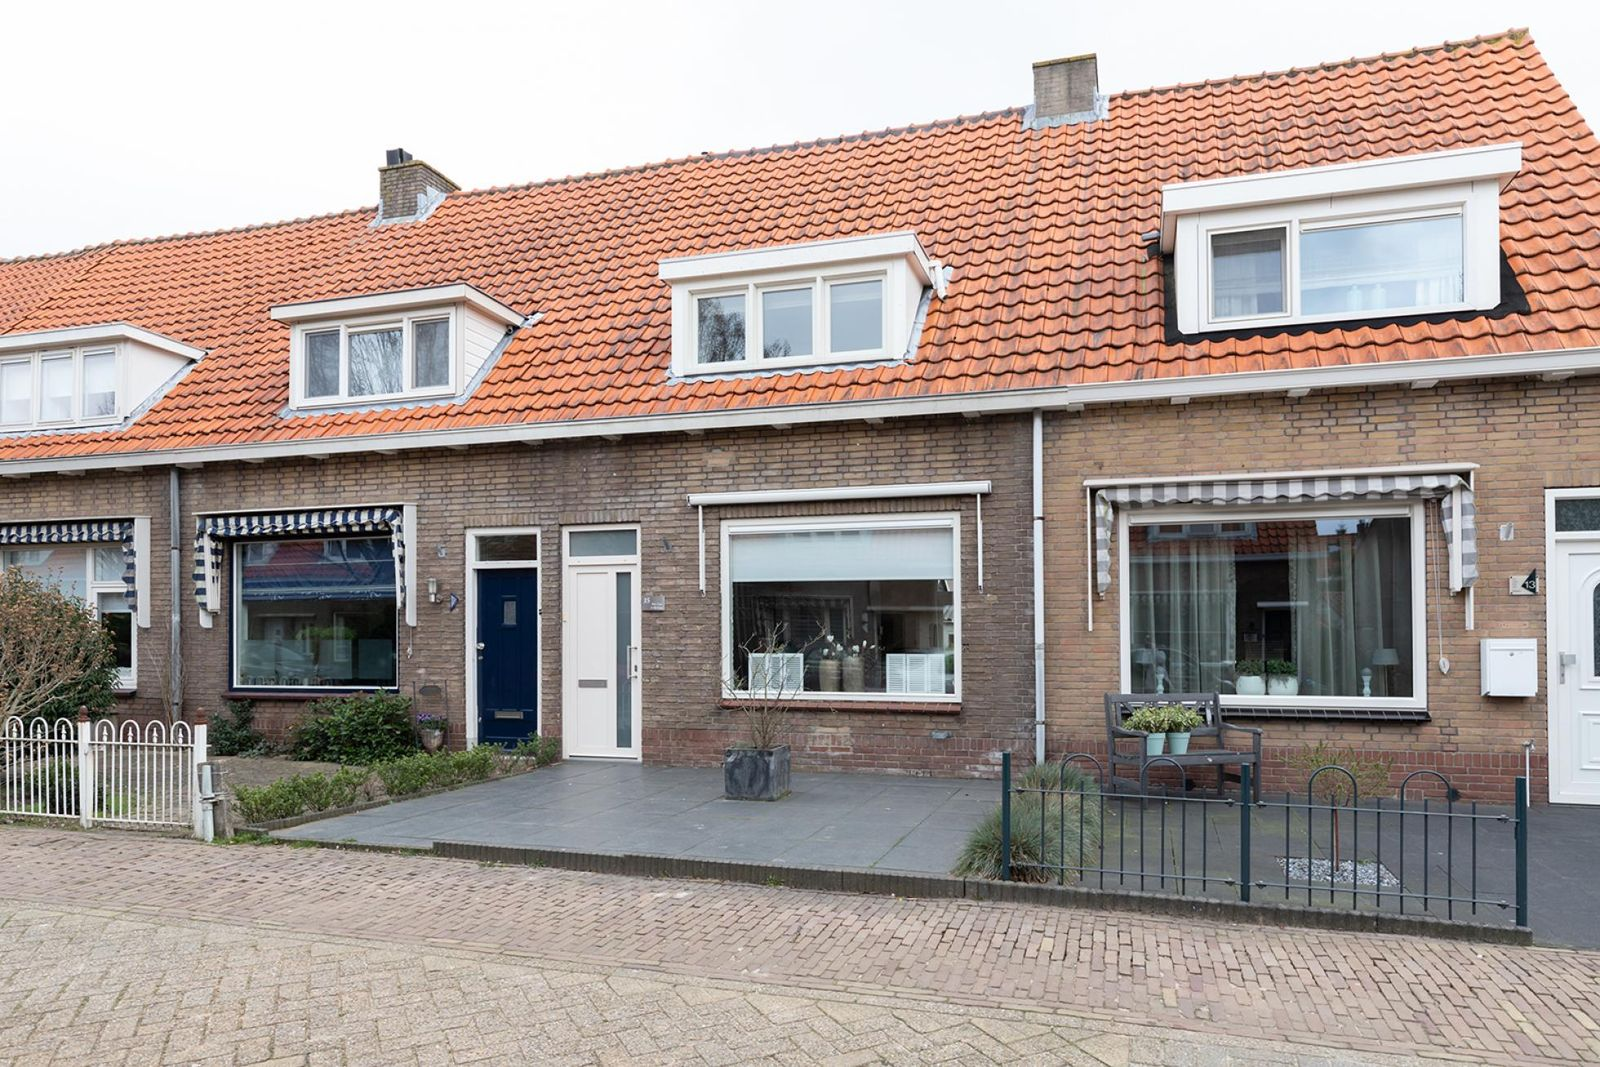 Vermeerstraat 15, Sliedrecht